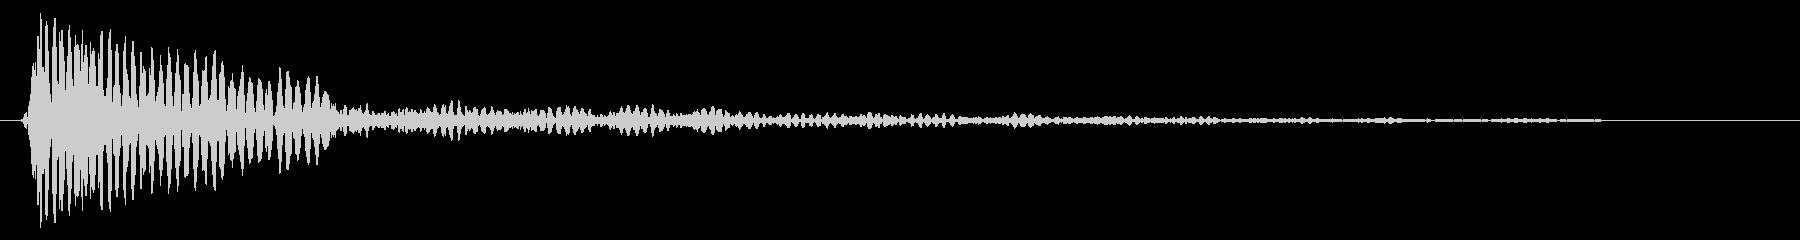 ドーンというタムタムの音の未再生の波形